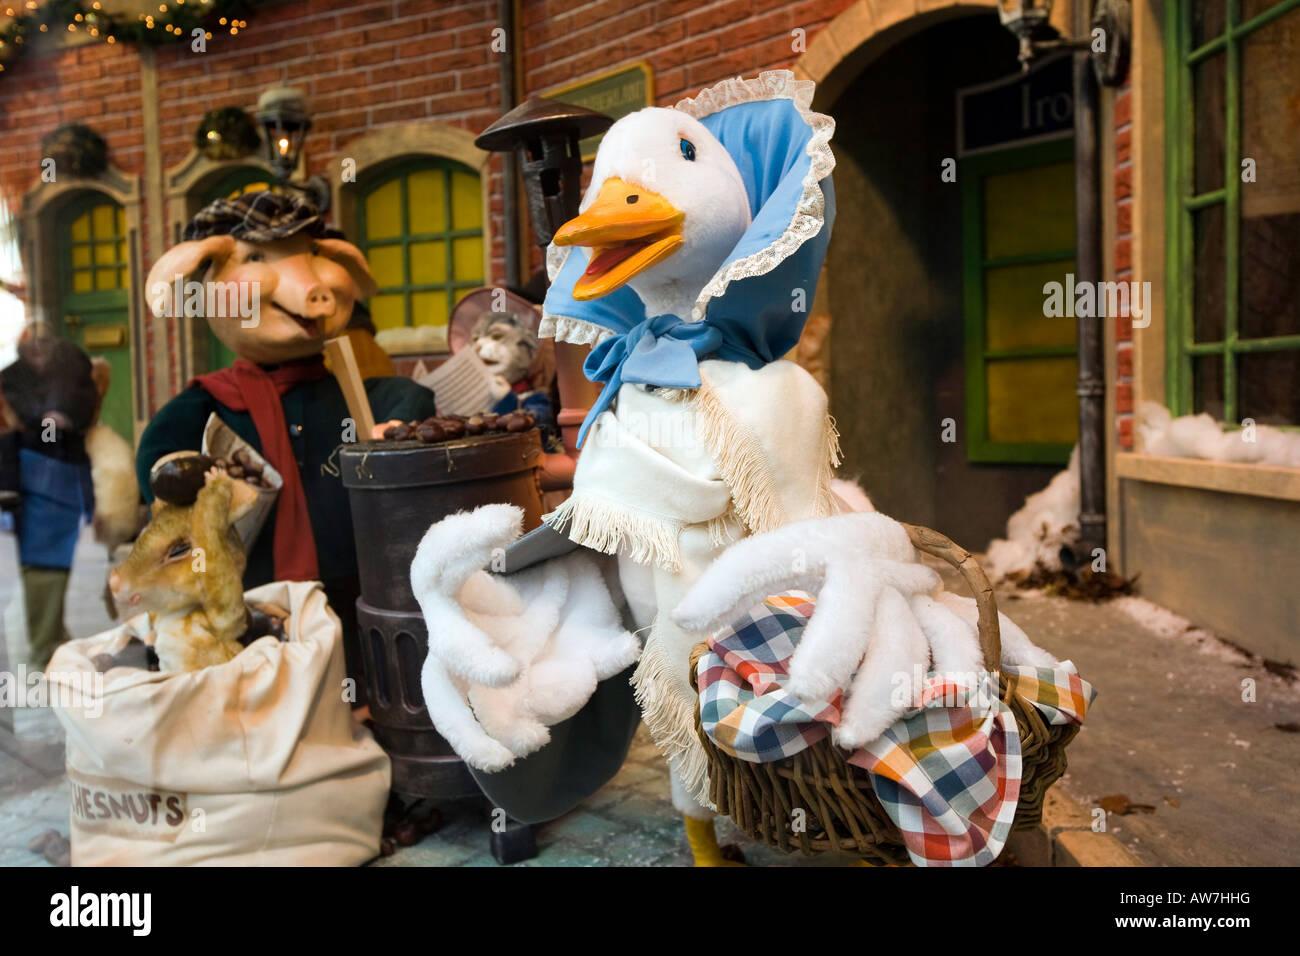 UK Tyneside Newcastle upon Tyne Northumberland Street Fenwicks Store Beatrix Potter Christmas window - Stock Image